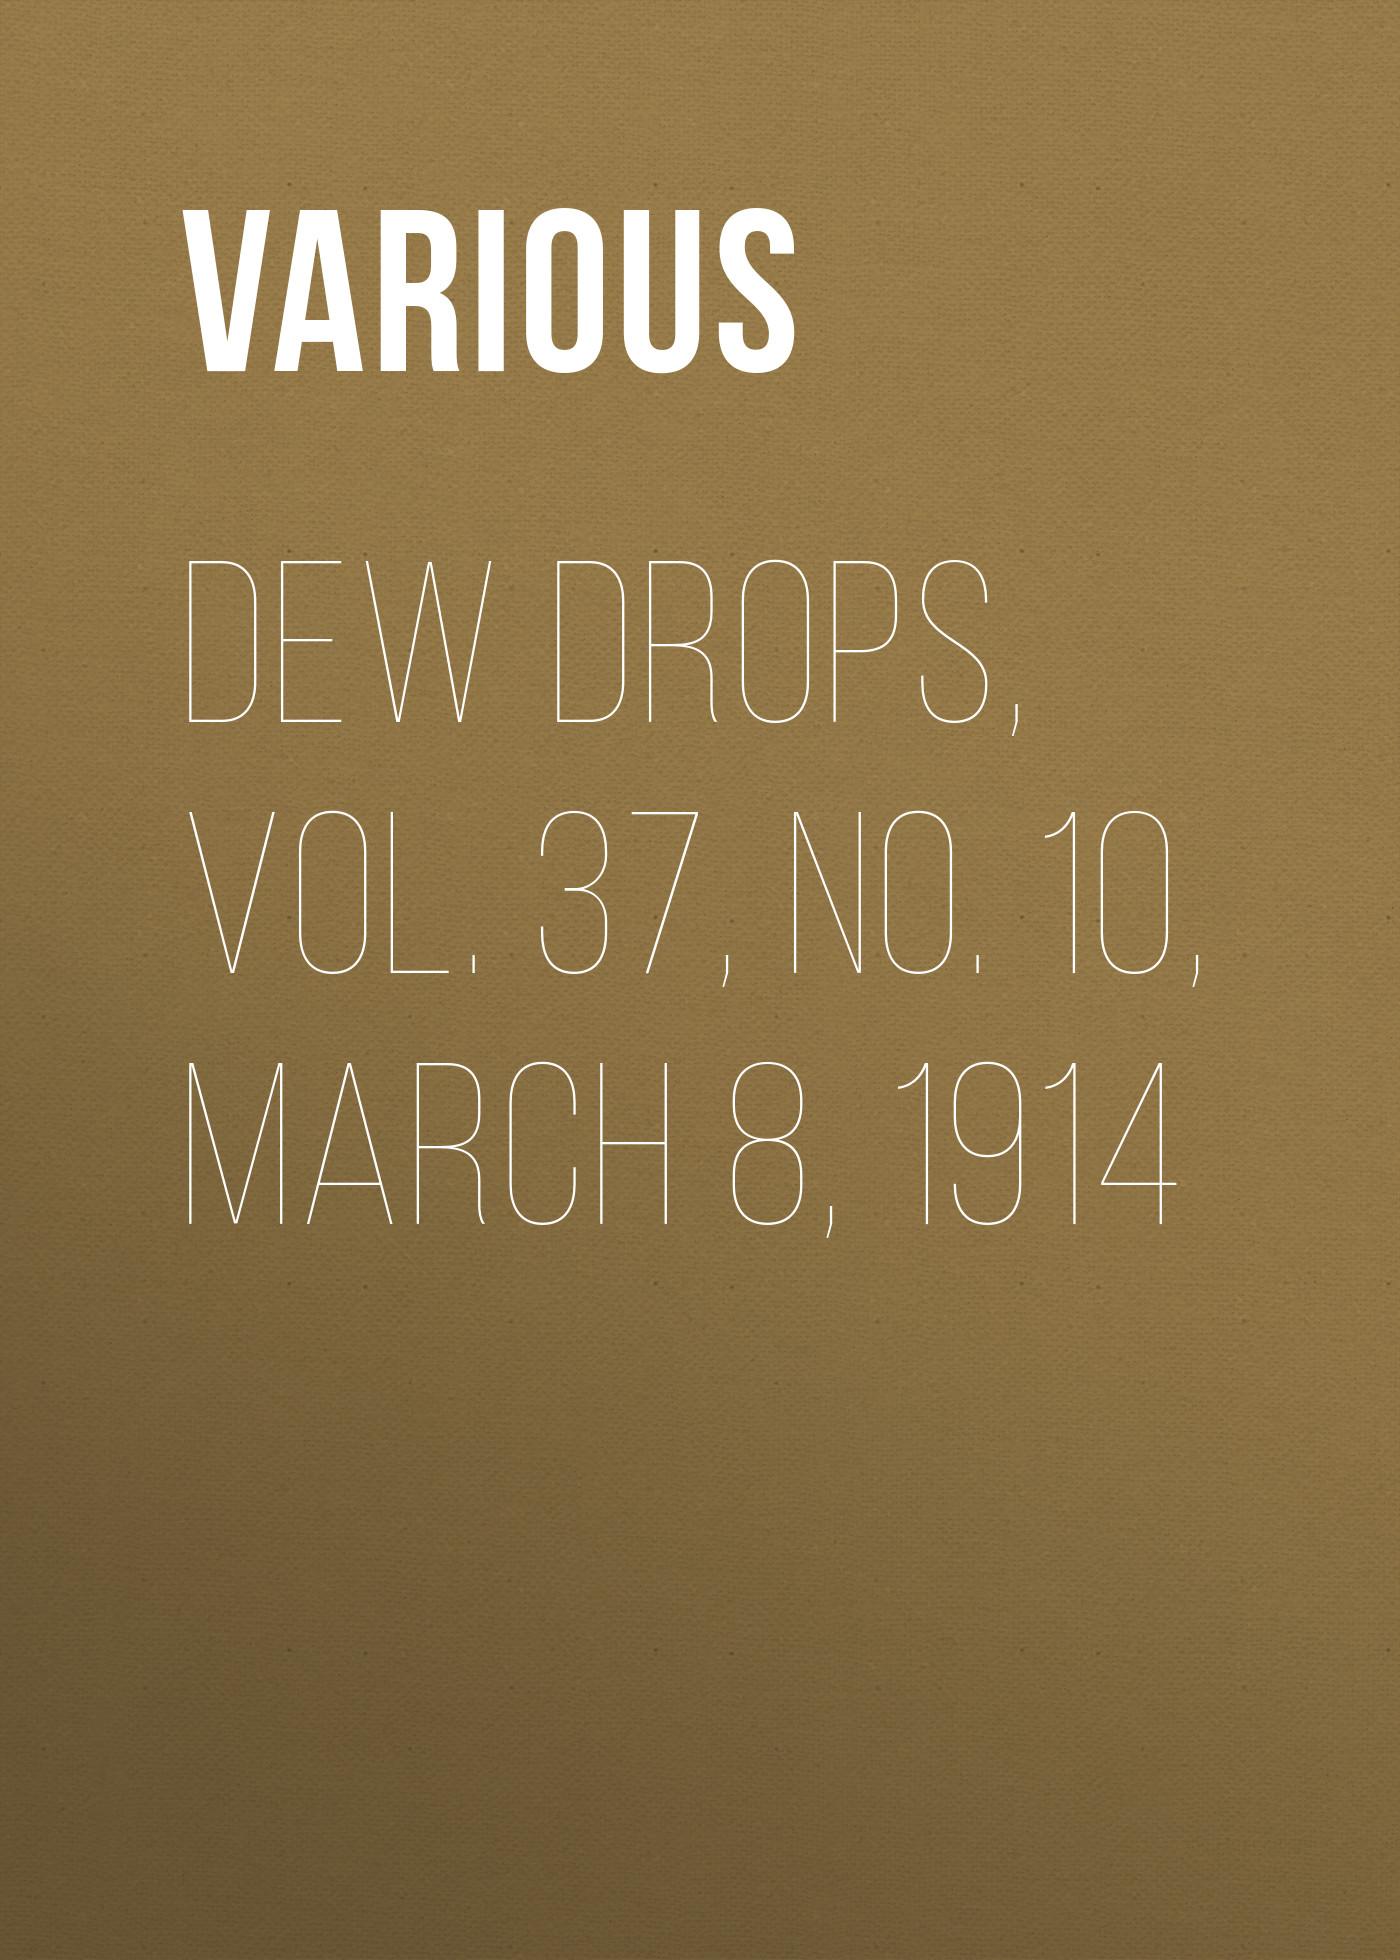 цена Various Dew Drops, Vol. 37, No. 10, March 8, 1914 онлайн в 2017 году